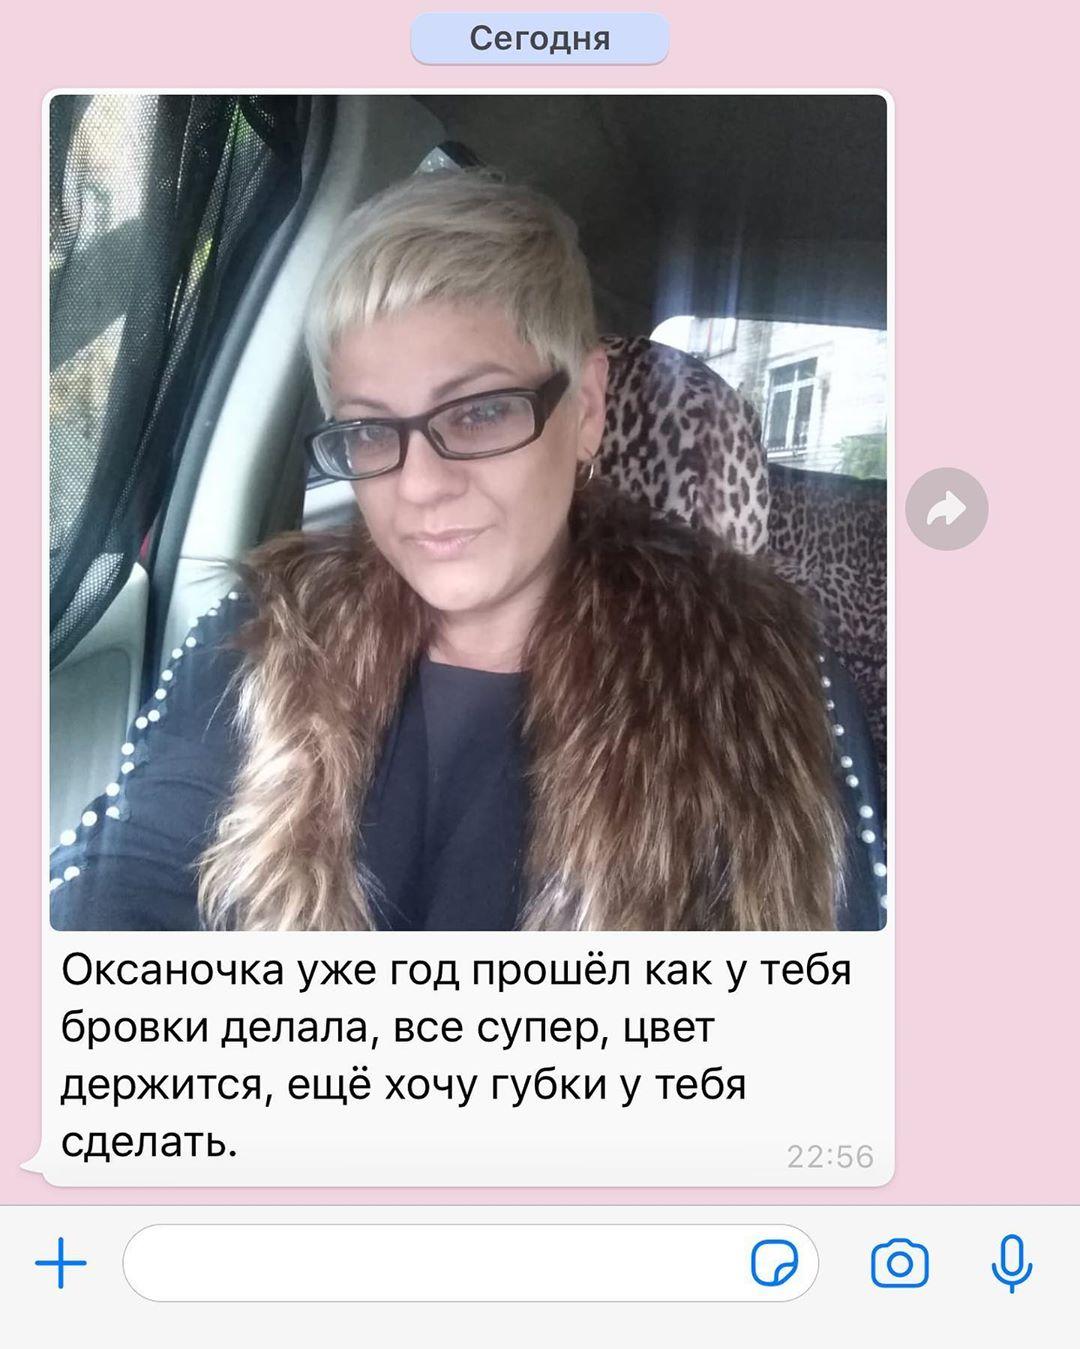 Отзыв клиента   Пудровым бровям больше года   Хабаровск   Глущенко Оксана